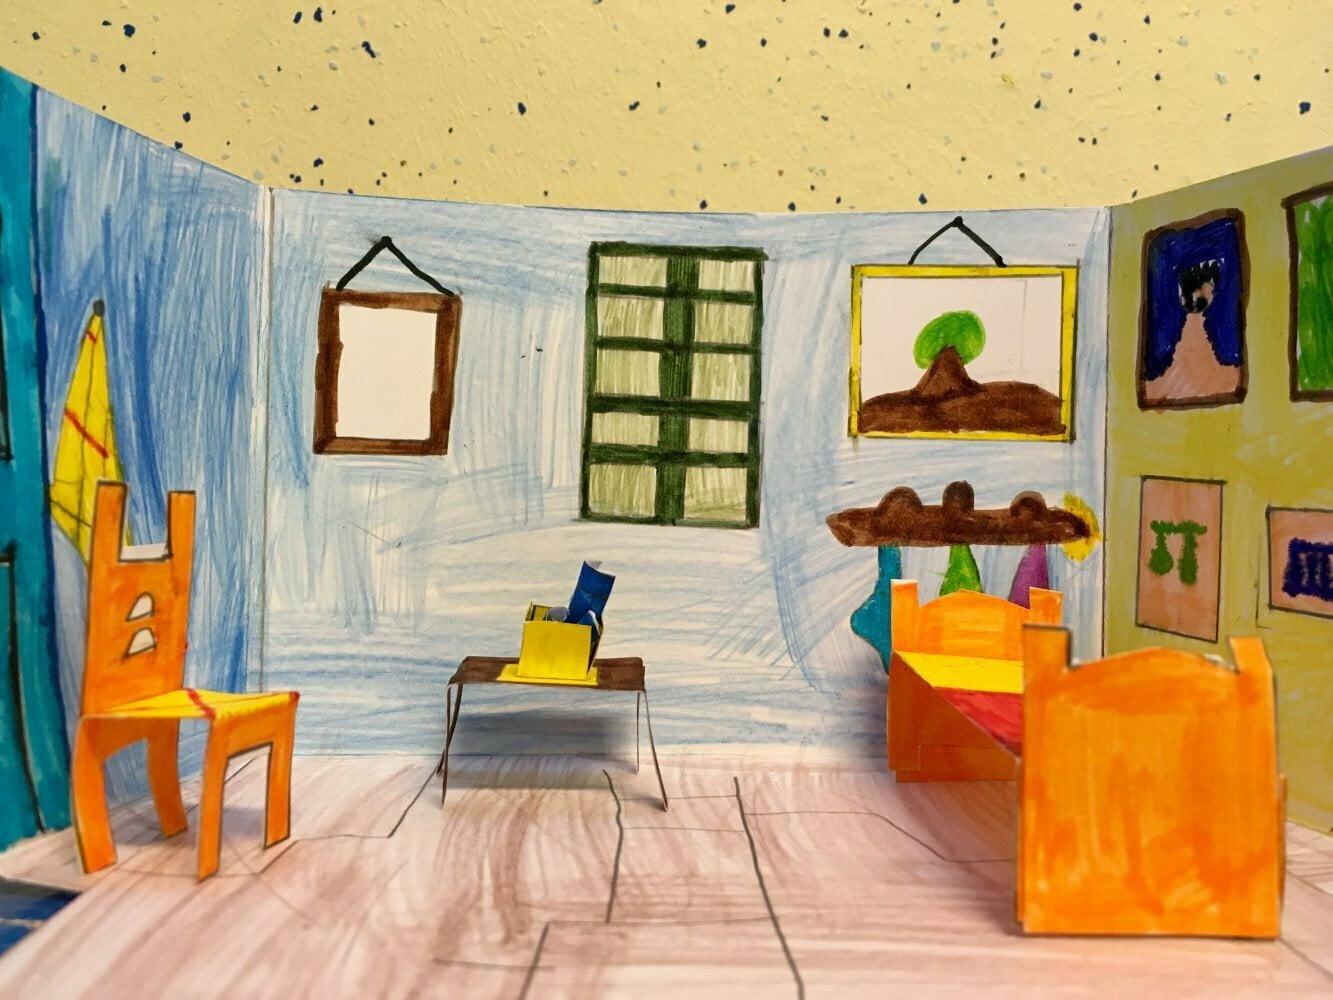 les l 39 h tel van gogh la chambre arles. Black Bedroom Furniture Sets. Home Design Ideas